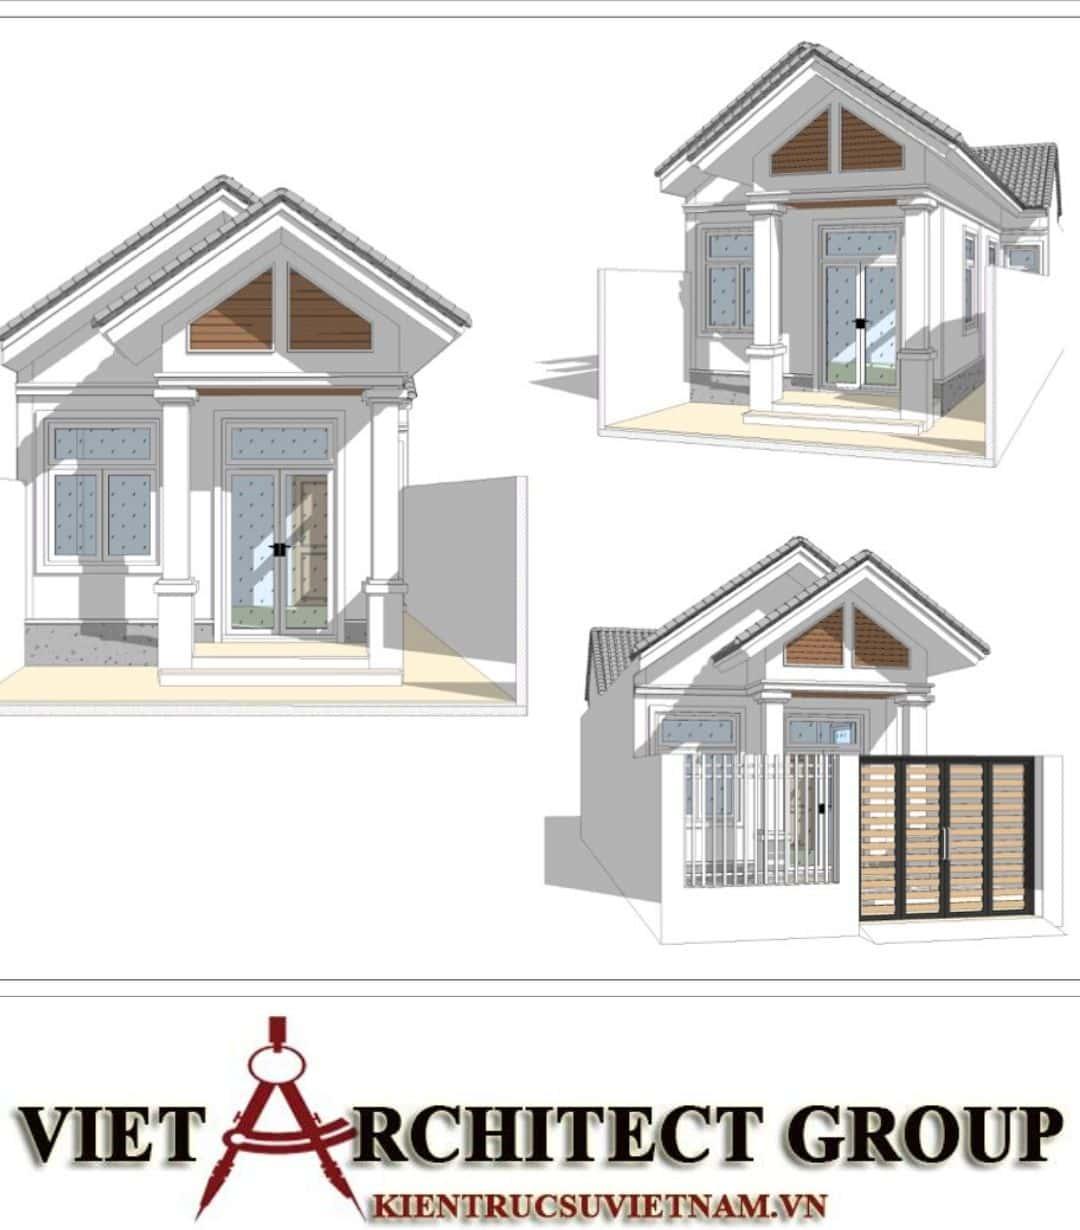 5 31 - Công trình nhà ở trệt mái thái diện tích 120m2 Mr Thi - Thủ Đức, TPHCM